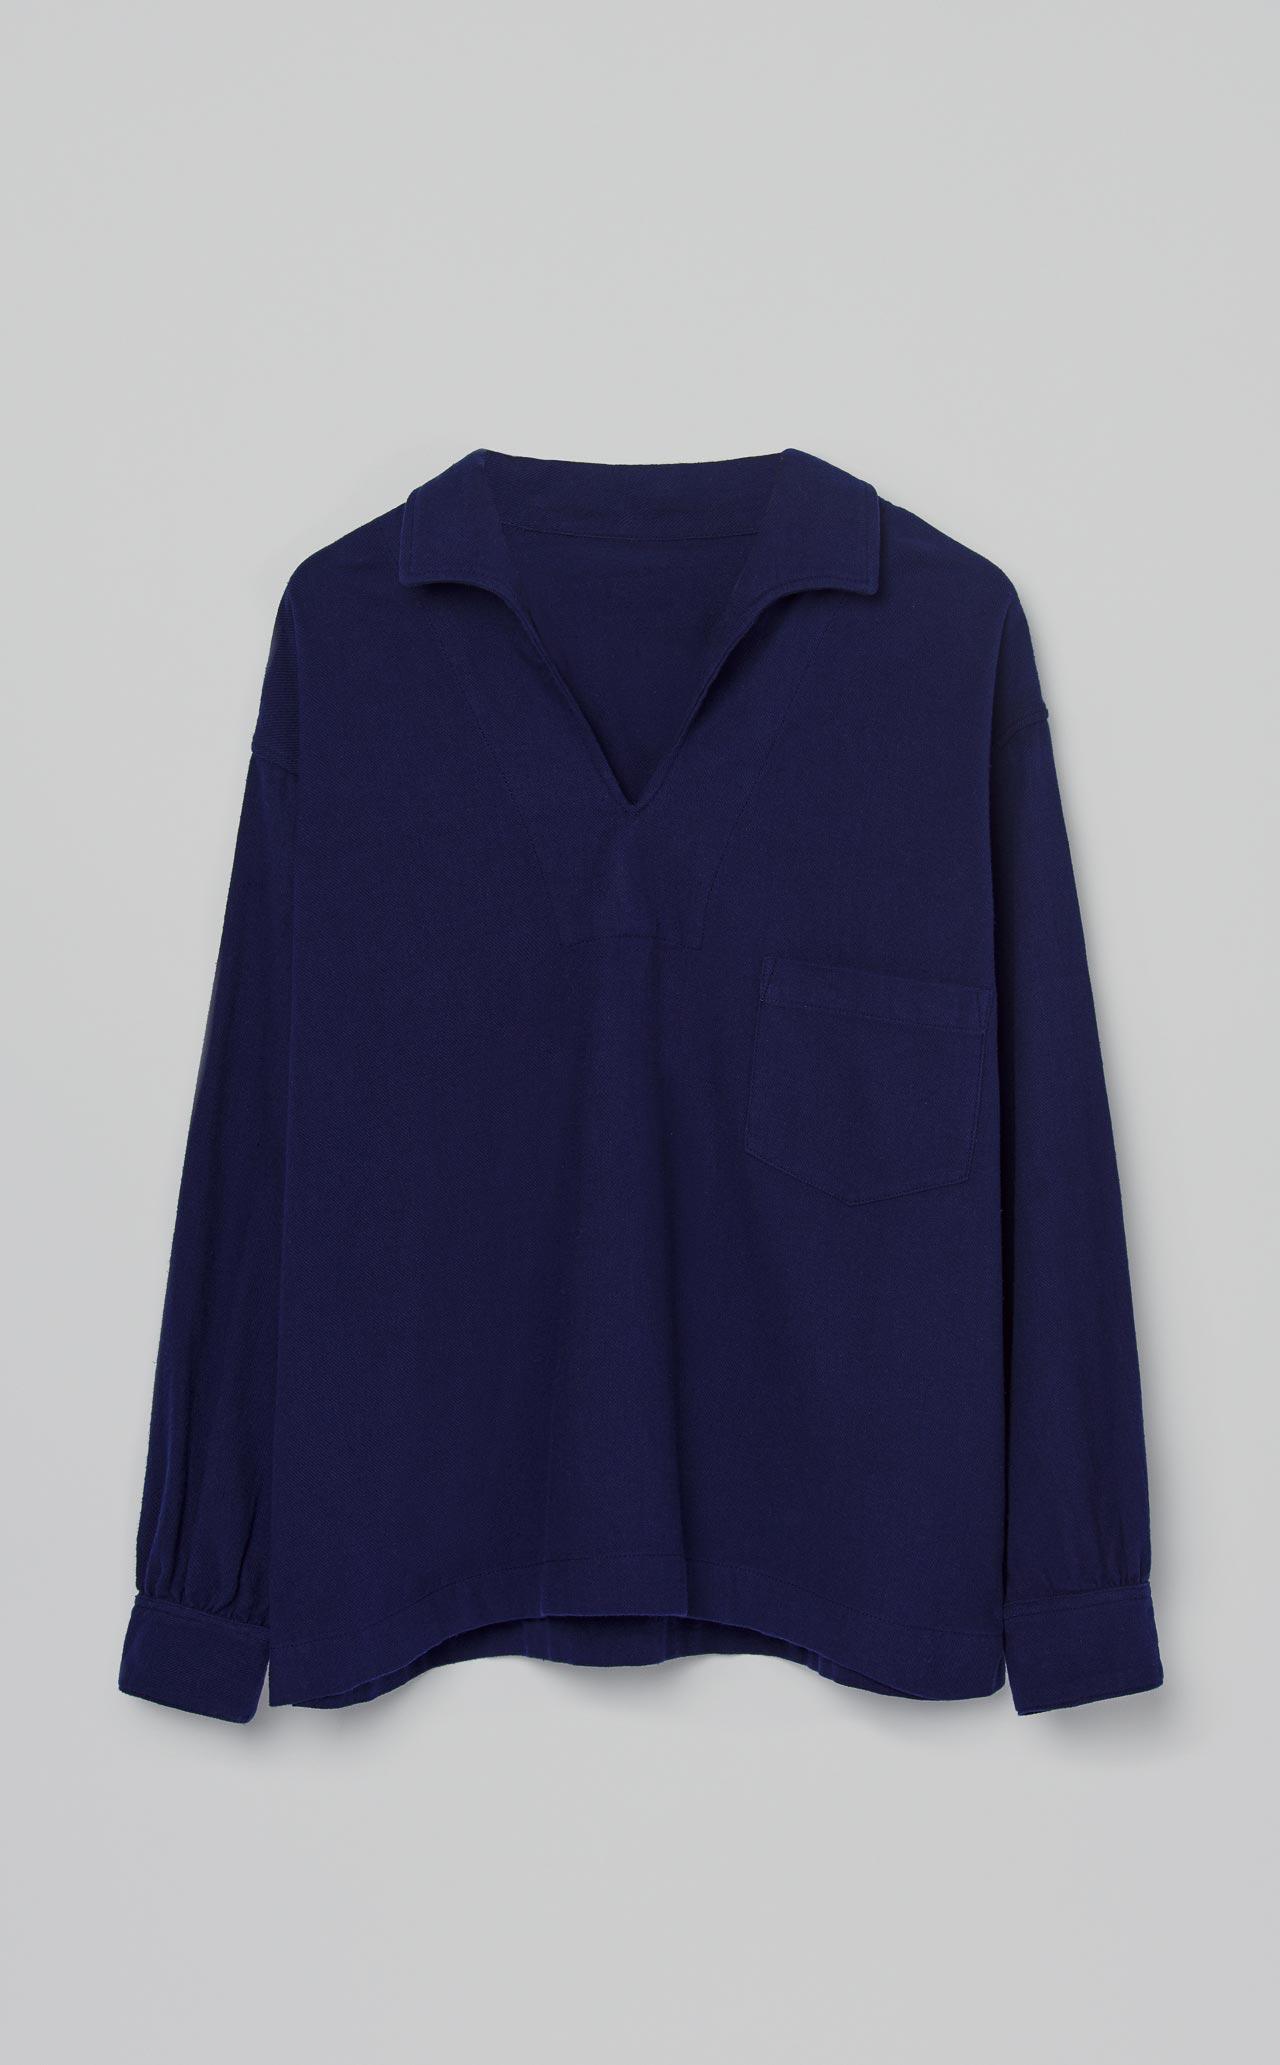 Ciboure Shirt